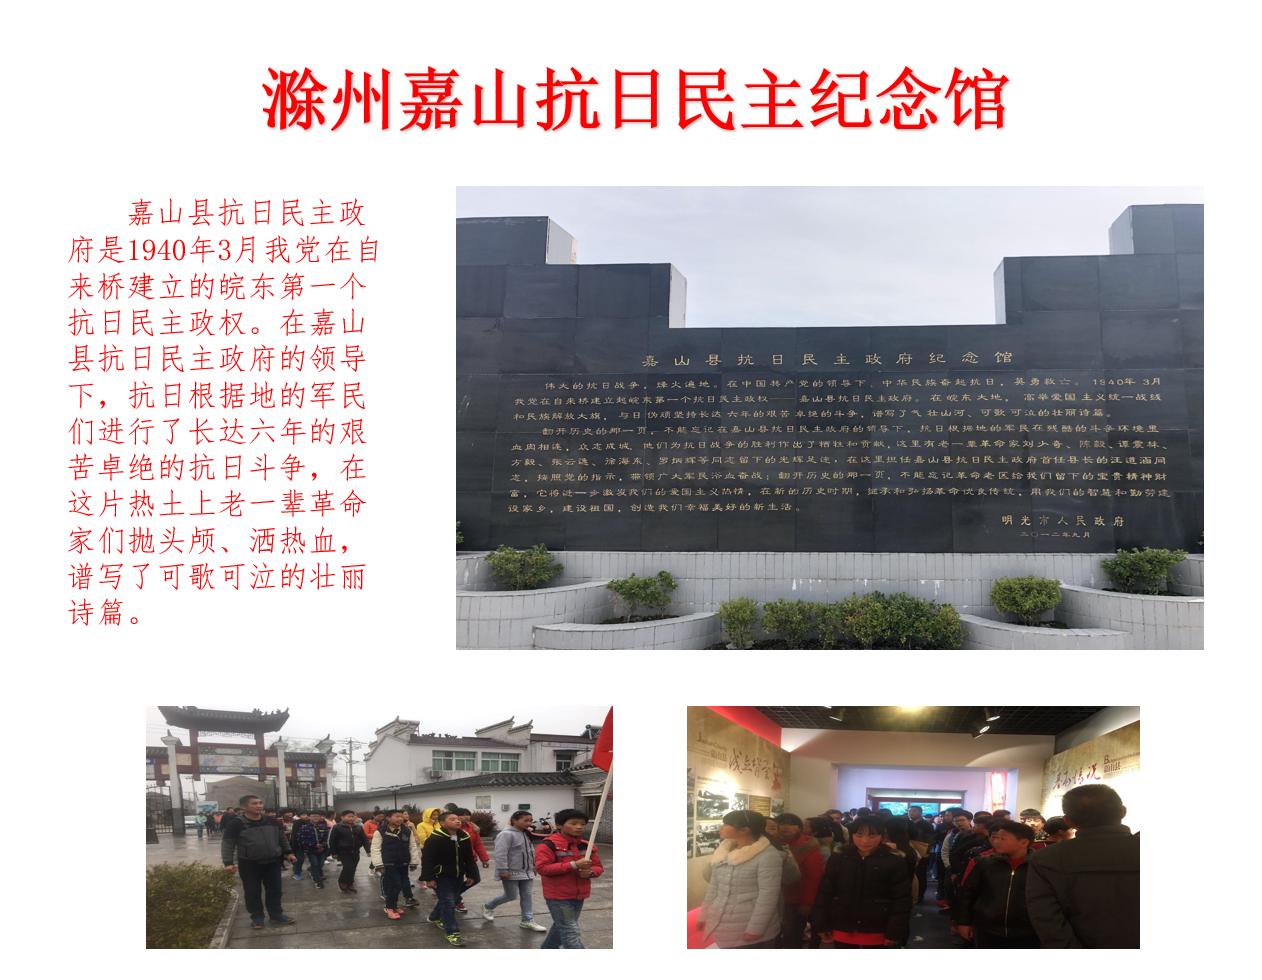 滁州嘉山抗日民主纪念馆